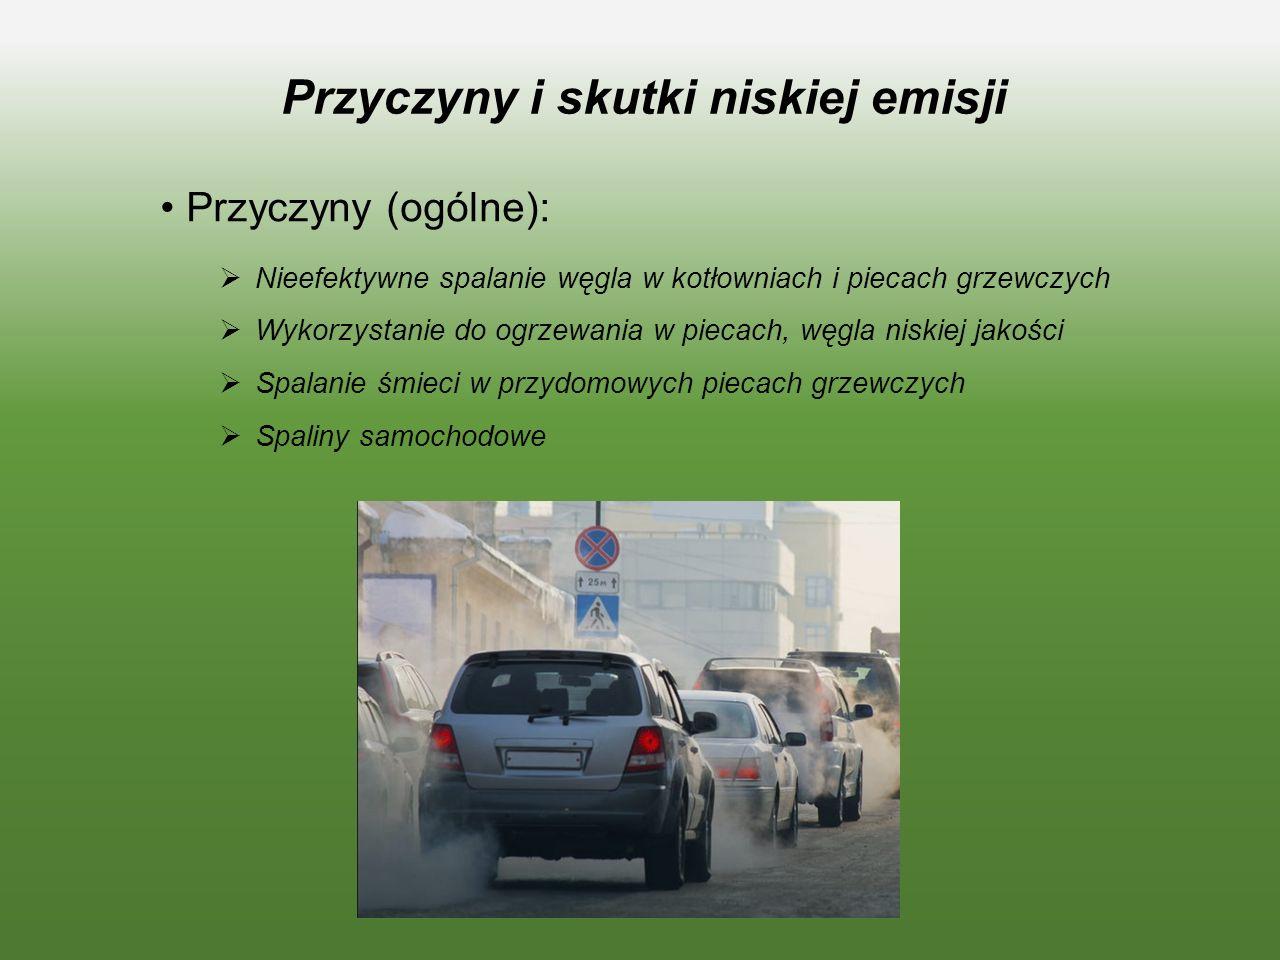 Przyczyny i skutki niskiej emisji Przyczyny (ogólne):  Nieefektywne spalanie węgla w kotłowniach i piecach grzewczych  Wykorzystanie do ogrzewania w piecach, węgla niskiej jakości  Spalanie śmieci w przydomowych piecach grzewczych  Spaliny samochodowe